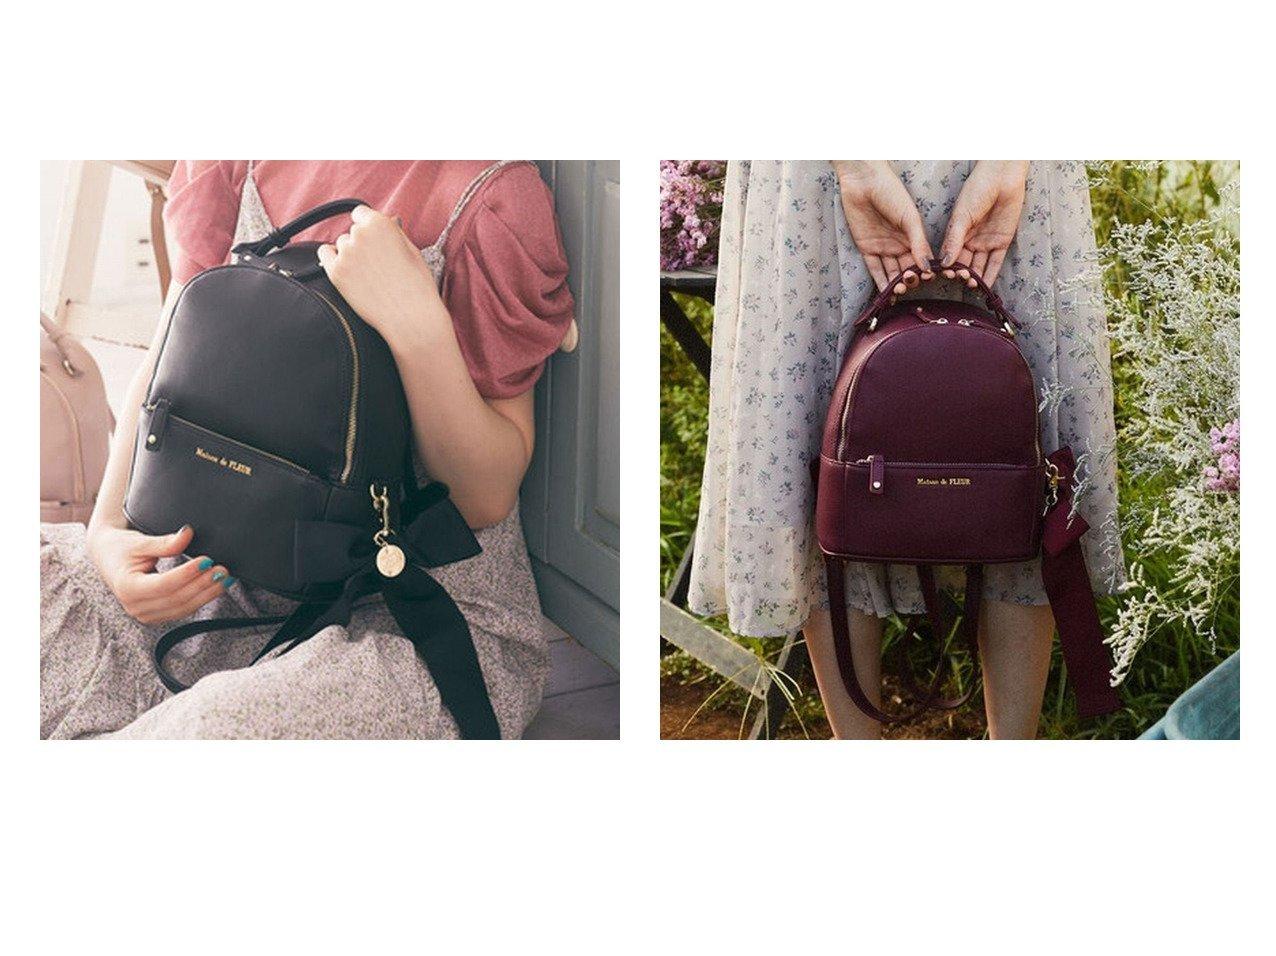 【Maison de FLEUR/メゾンドフルール】のリボンMリュック おすすめ!人気、トレンド・レディースファッションの通販 おすすめで人気の流行・トレンド、ファッションの通販商品 メンズファッション・キッズファッション・インテリア・家具・レディースファッション・服の通販 founy(ファニー) https://founy.com/ ファッション Fashion レディースファッション WOMEN リボン リュック 人気 |ID:crp329100000013874